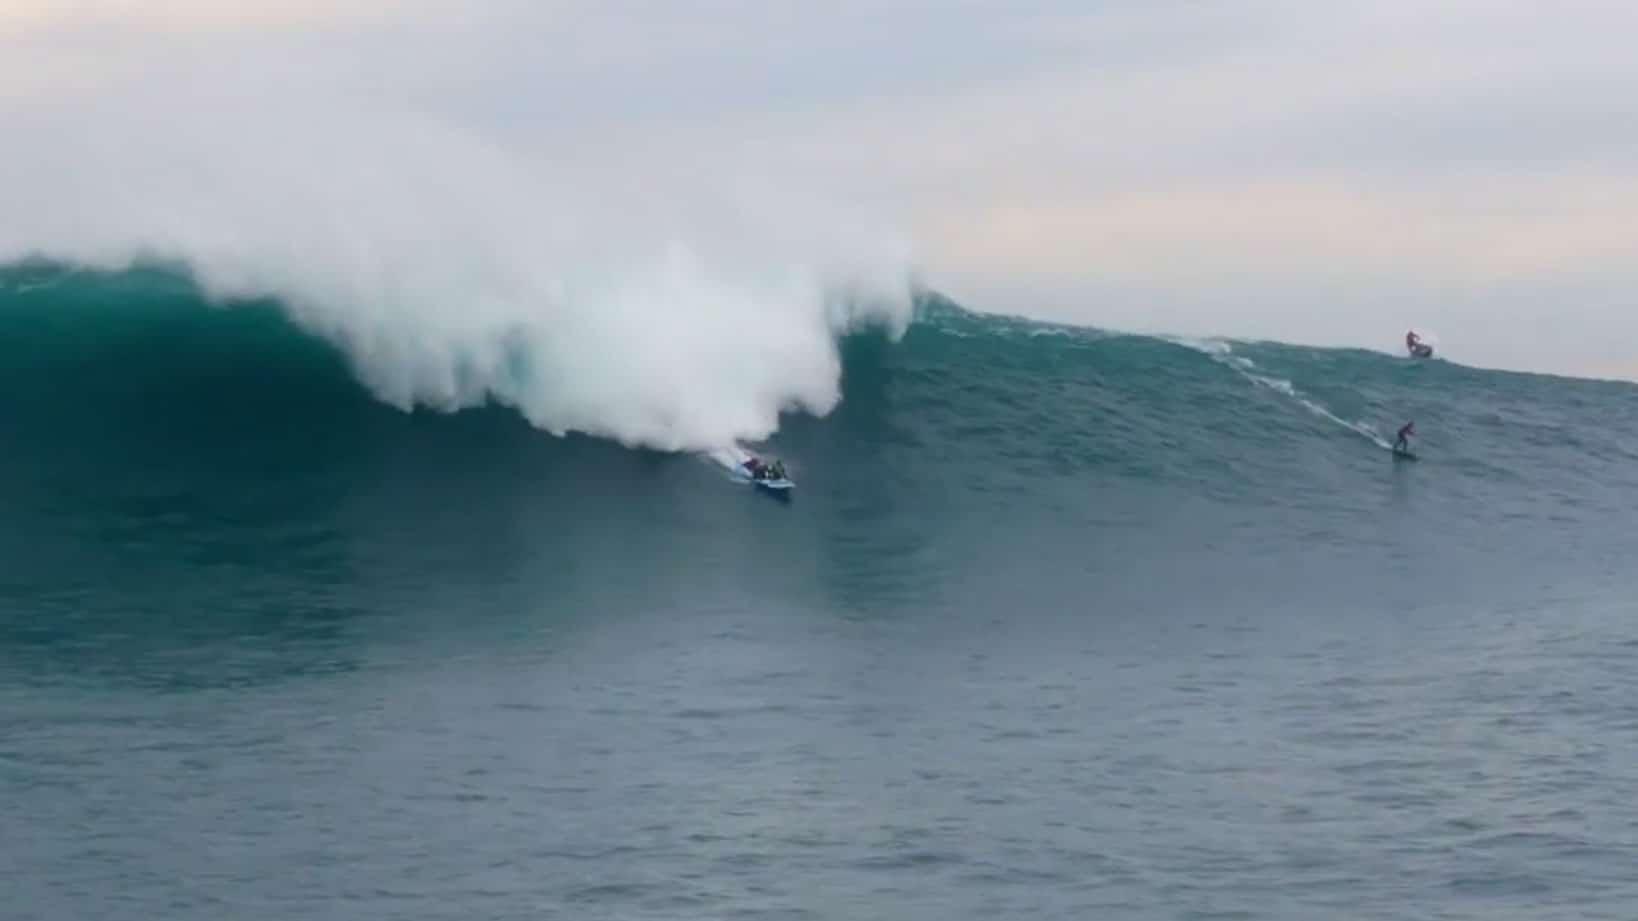 Le Goliath Sup d'Anonym surf l'énorme vague de Belharra